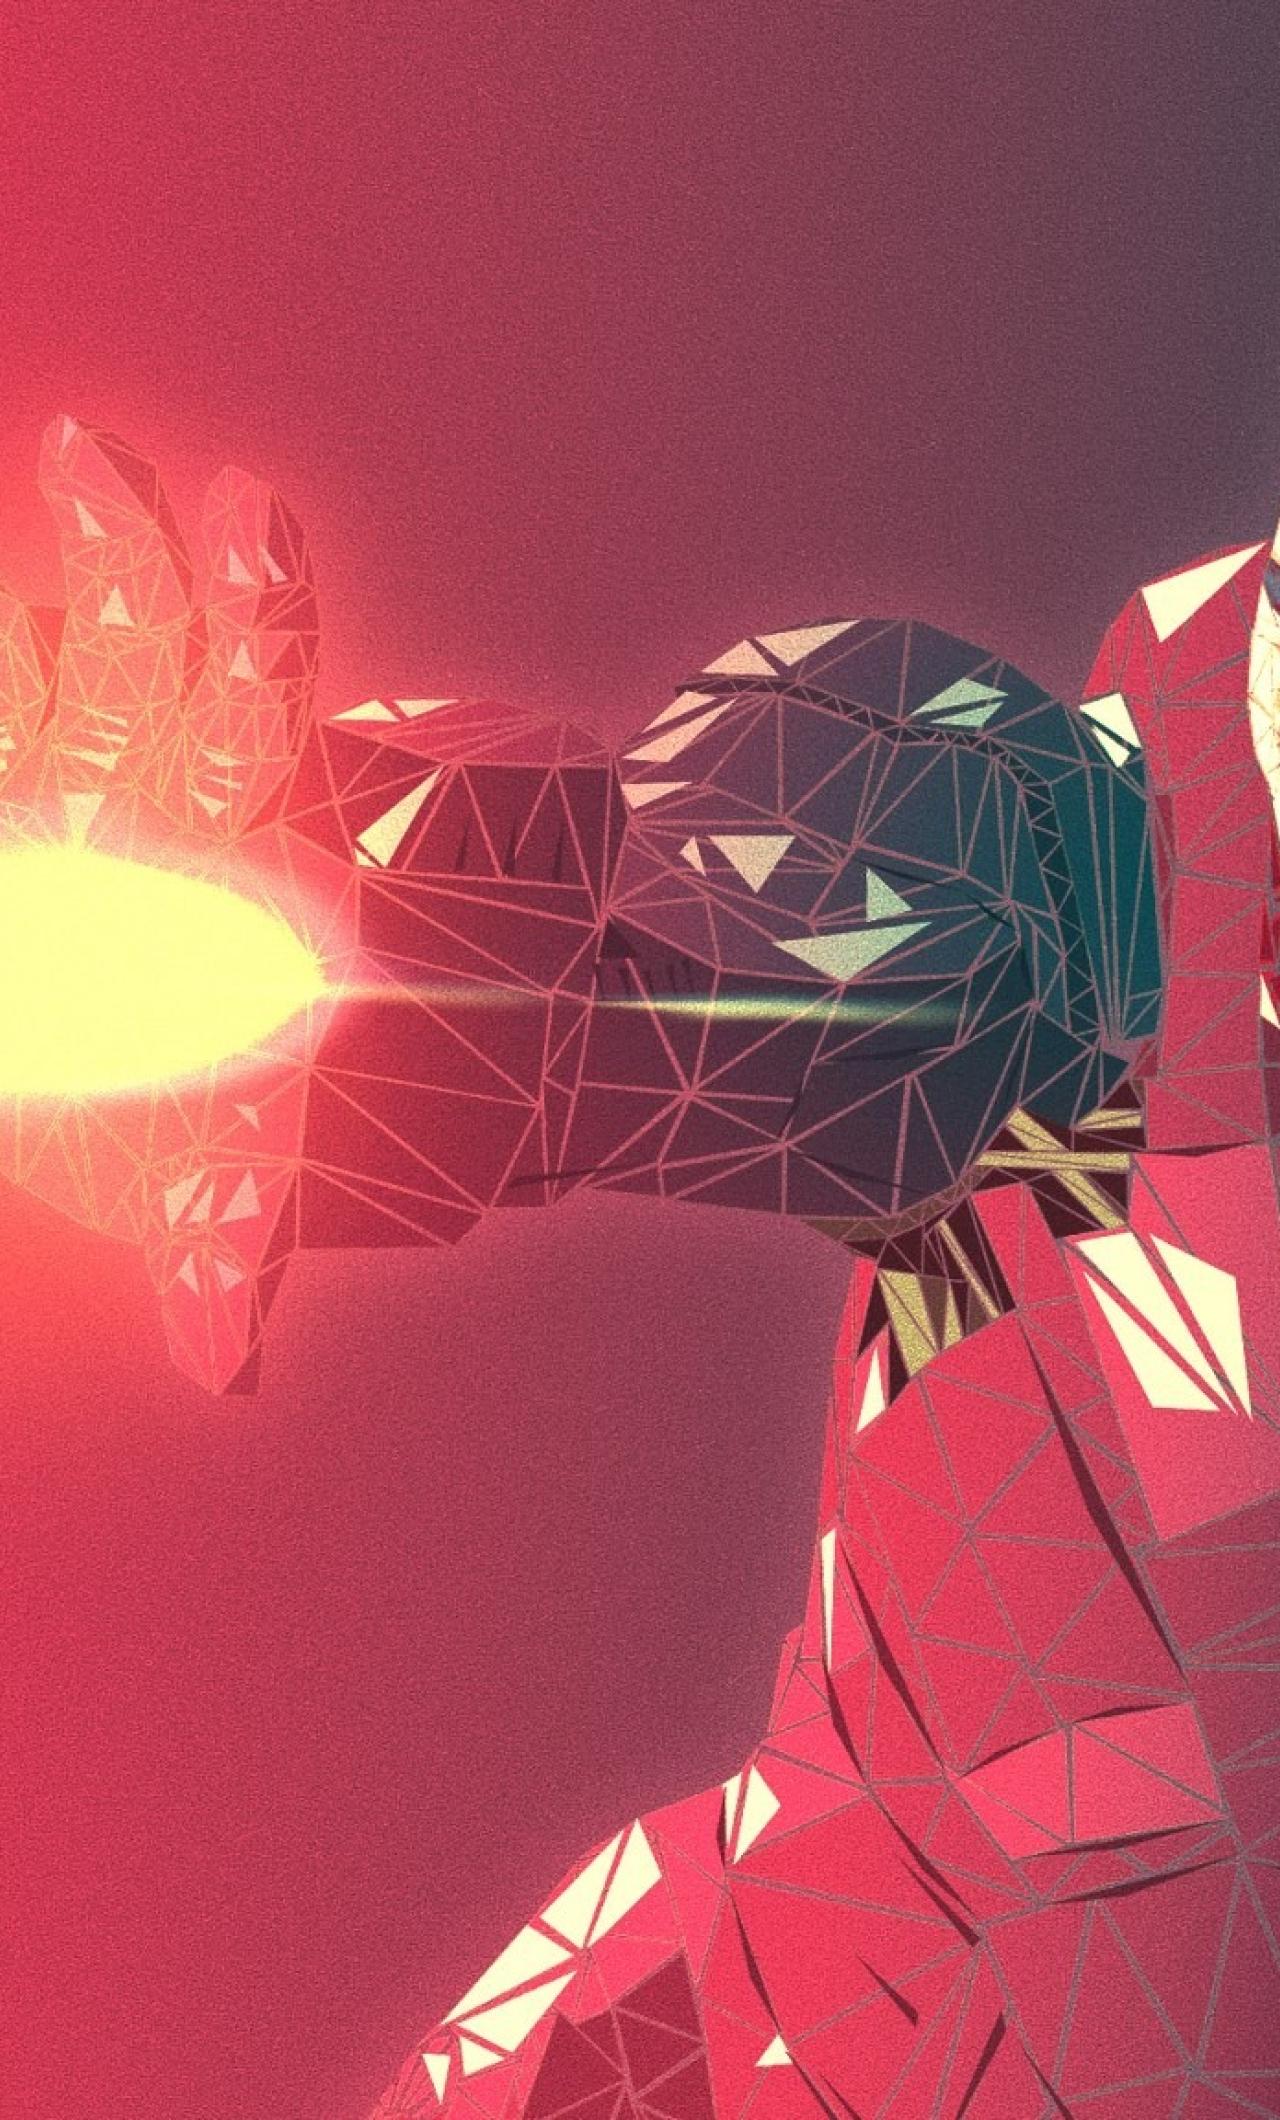 Iron Man Abstract 4k Jpg 2048 1152 Full Hd 2k Wallpaper